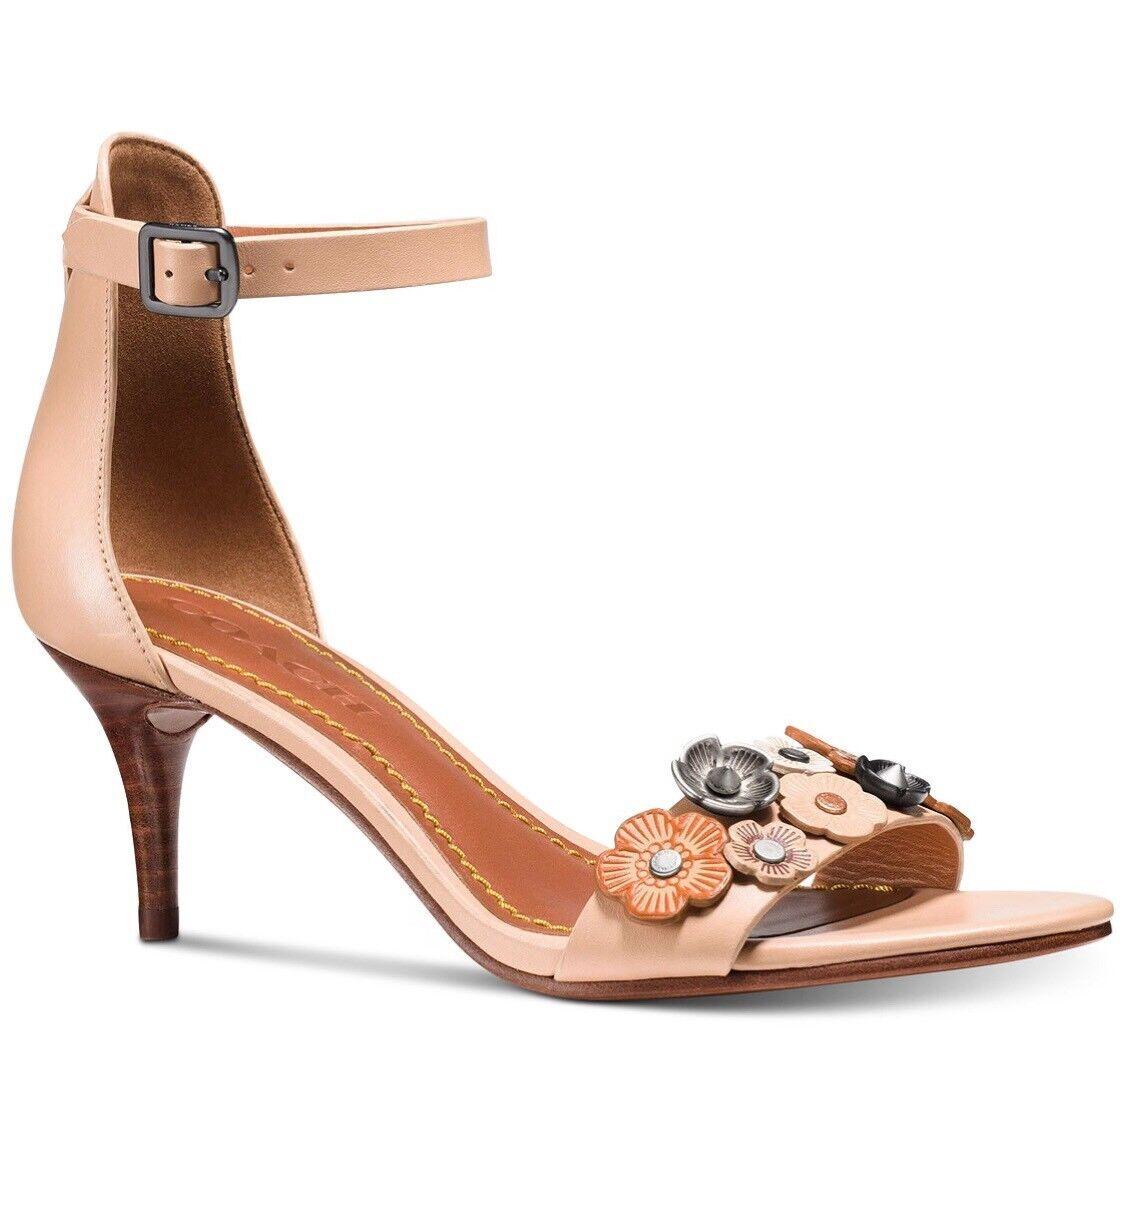 Entrenador Floral rosado Té Té Té mediados talón 2.5  Sandalias Tamaño 8 de cuero Color madera de haya  el mas de moda